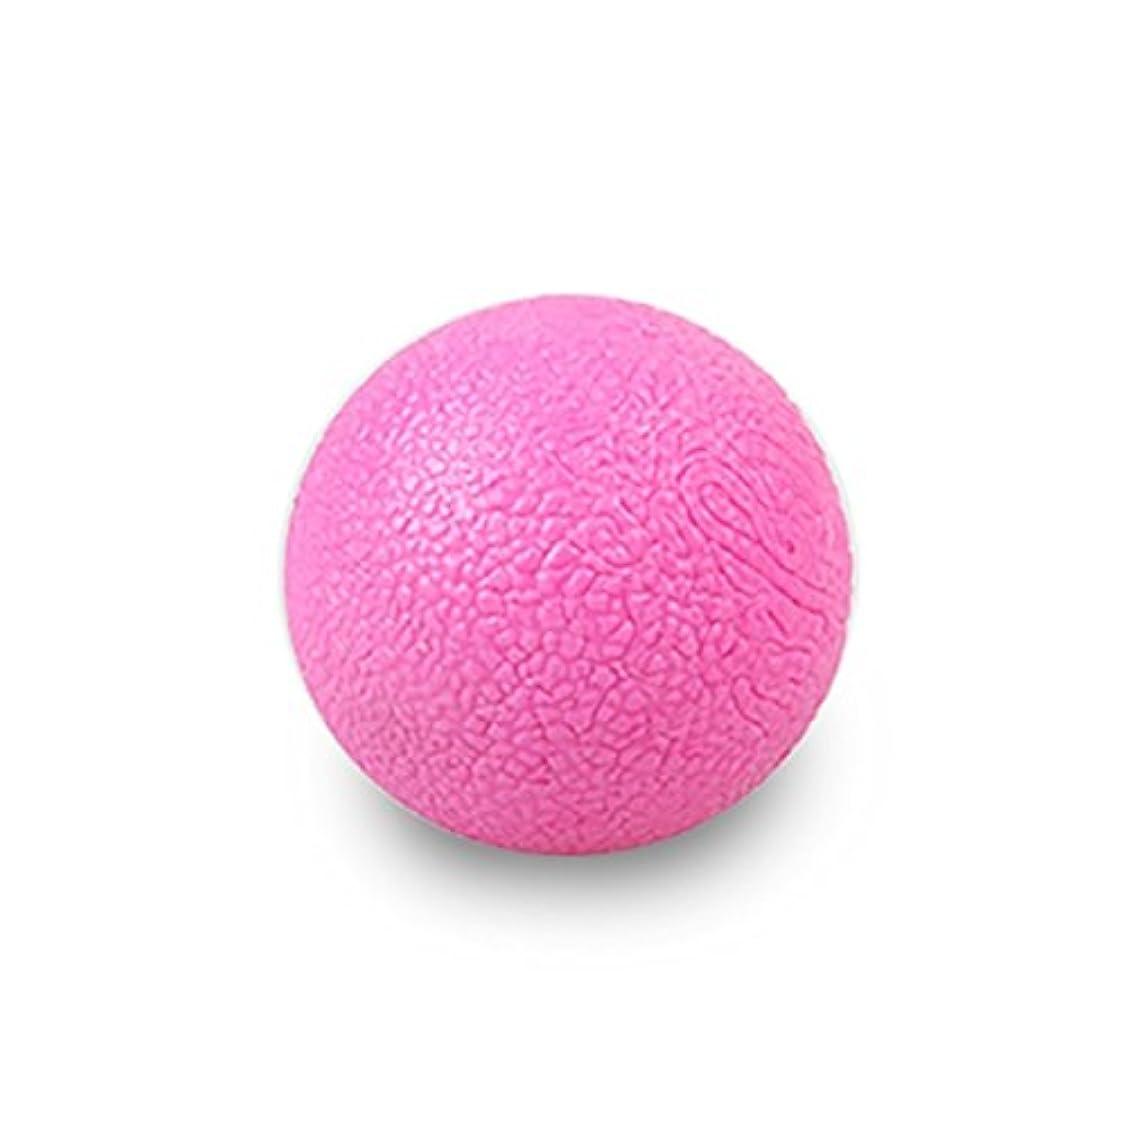 見る人再現する無知Shape Up UPnShape ミニ マッサージ ボール (4.7 インチ)/ストレッチ、ヨガ リハビリテーション腰痛首 (ピンク)